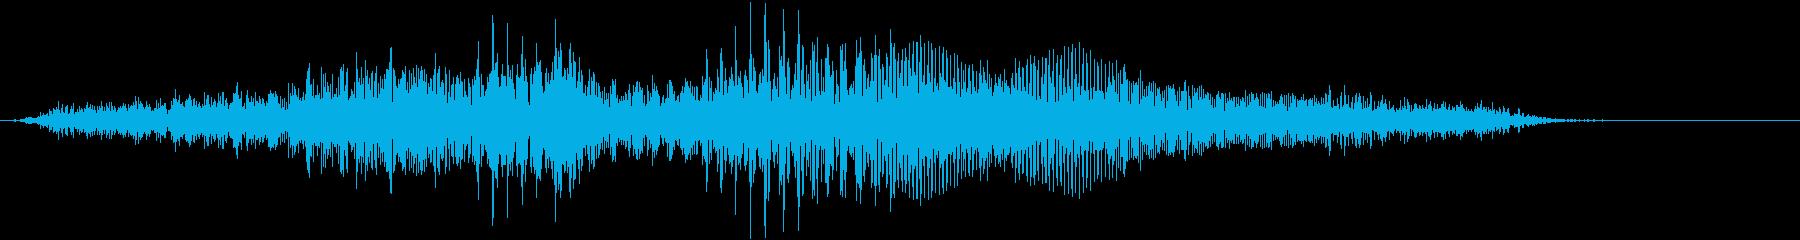 【物音】 ひきずる音_17 ギギギッッの再生済みの波形